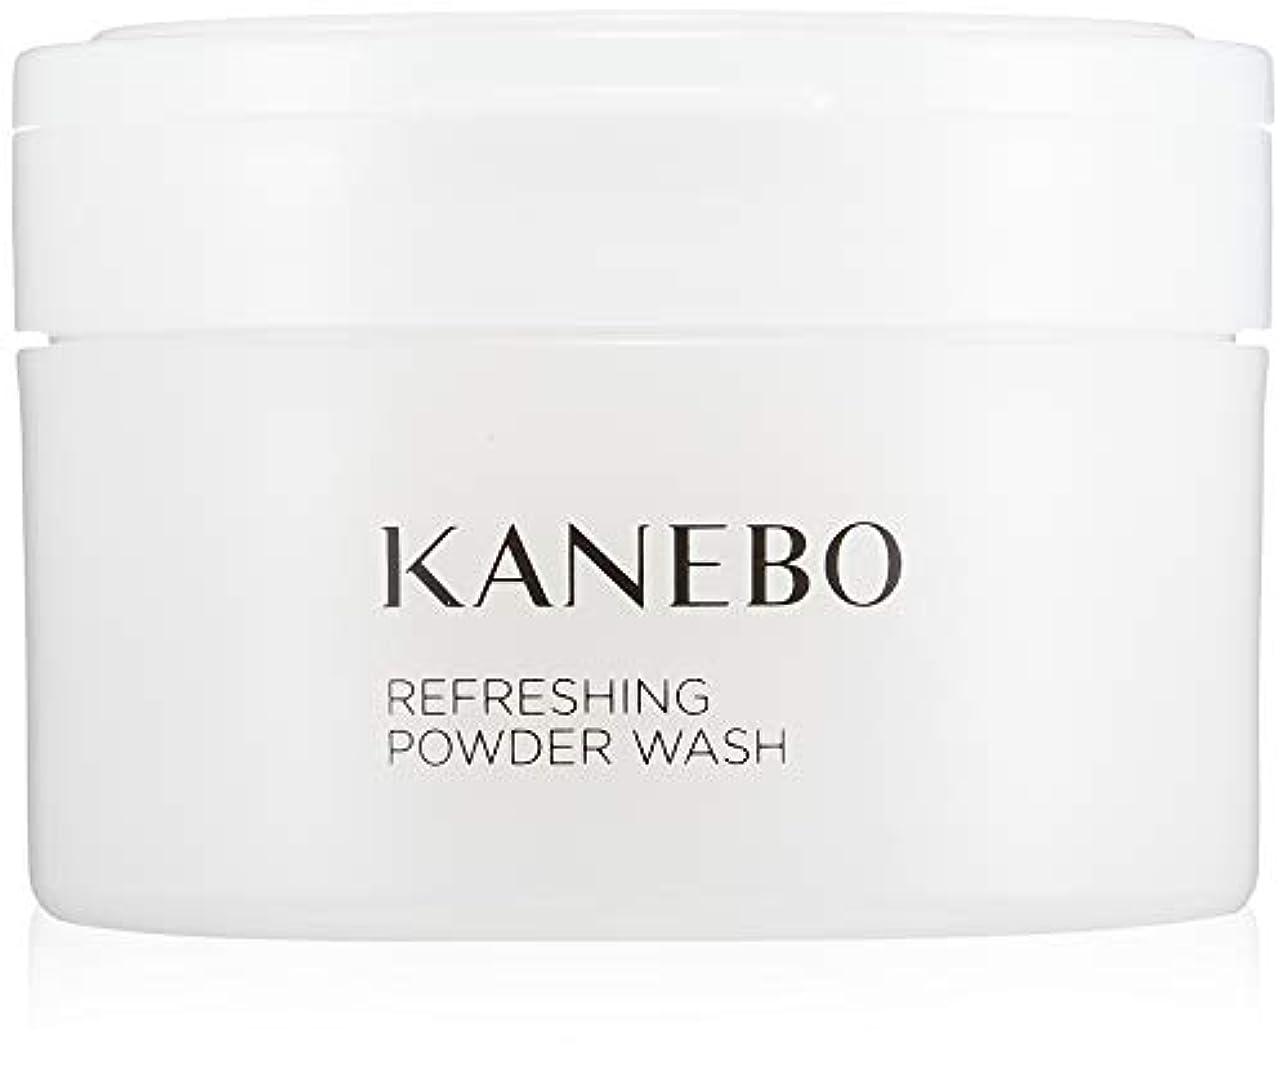 KANEBO(カネボウ) カネボウ リフレッシング パウダー ウォッシュ 洗顔パウダー